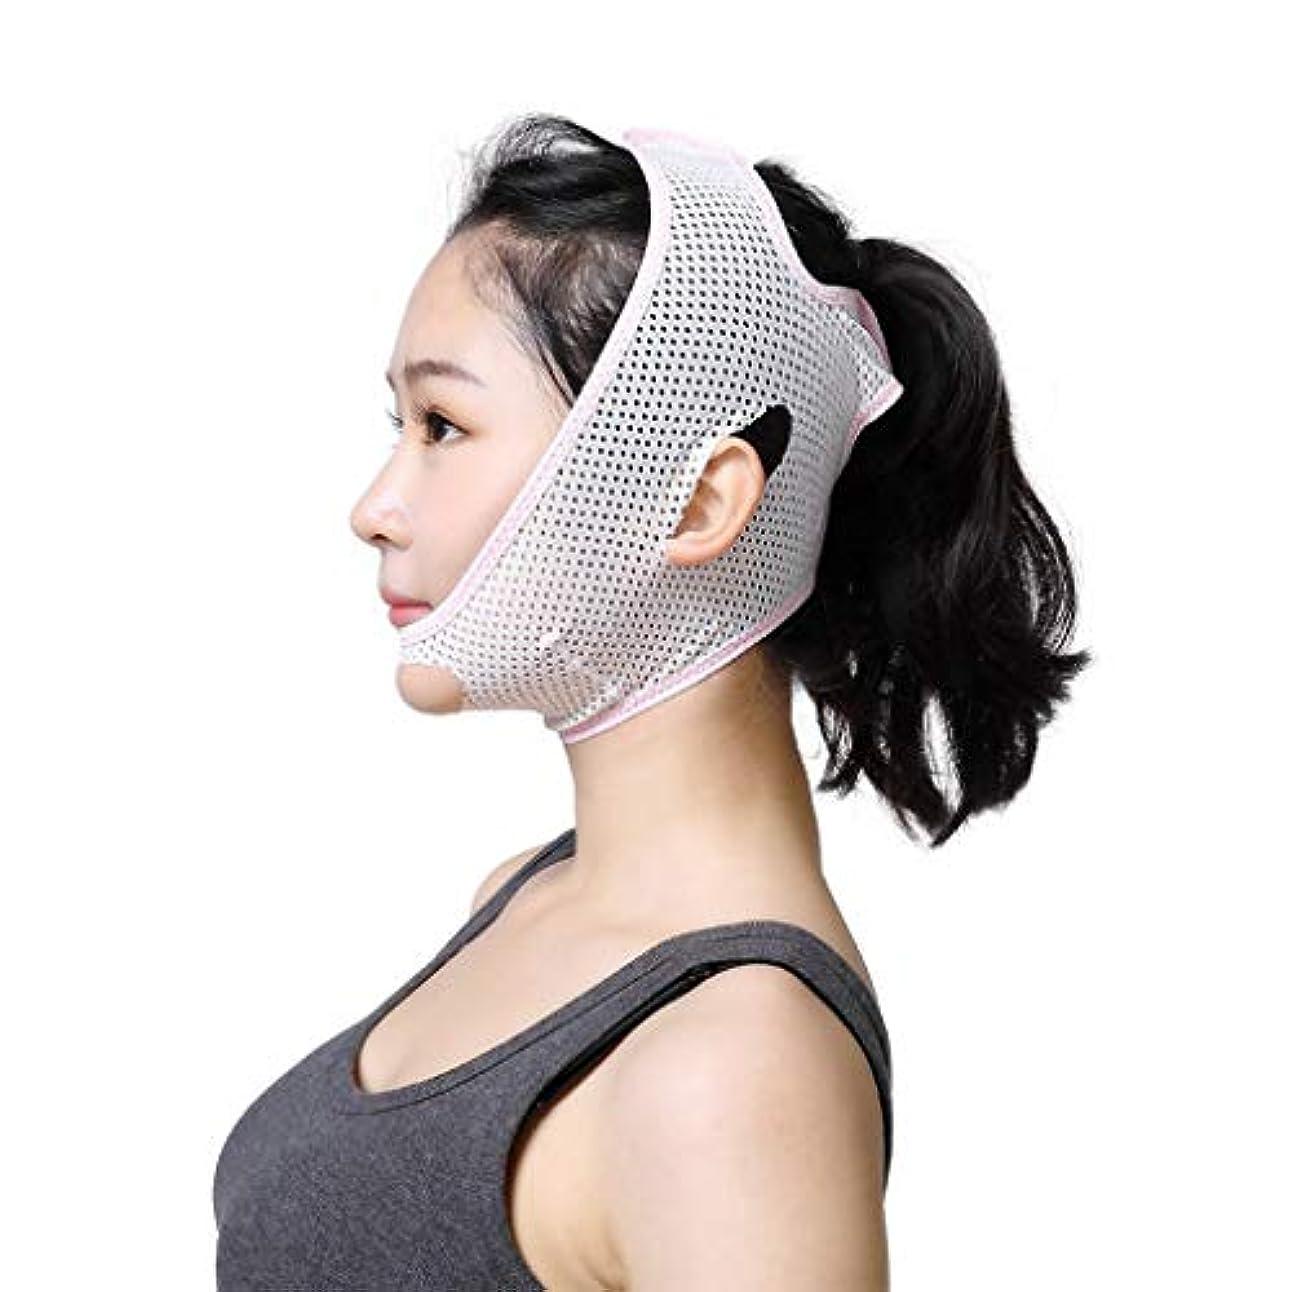 仕える修理可能辛い顔の減量睡眠包帯顔補正美容マスクダブルあごユニセックスに